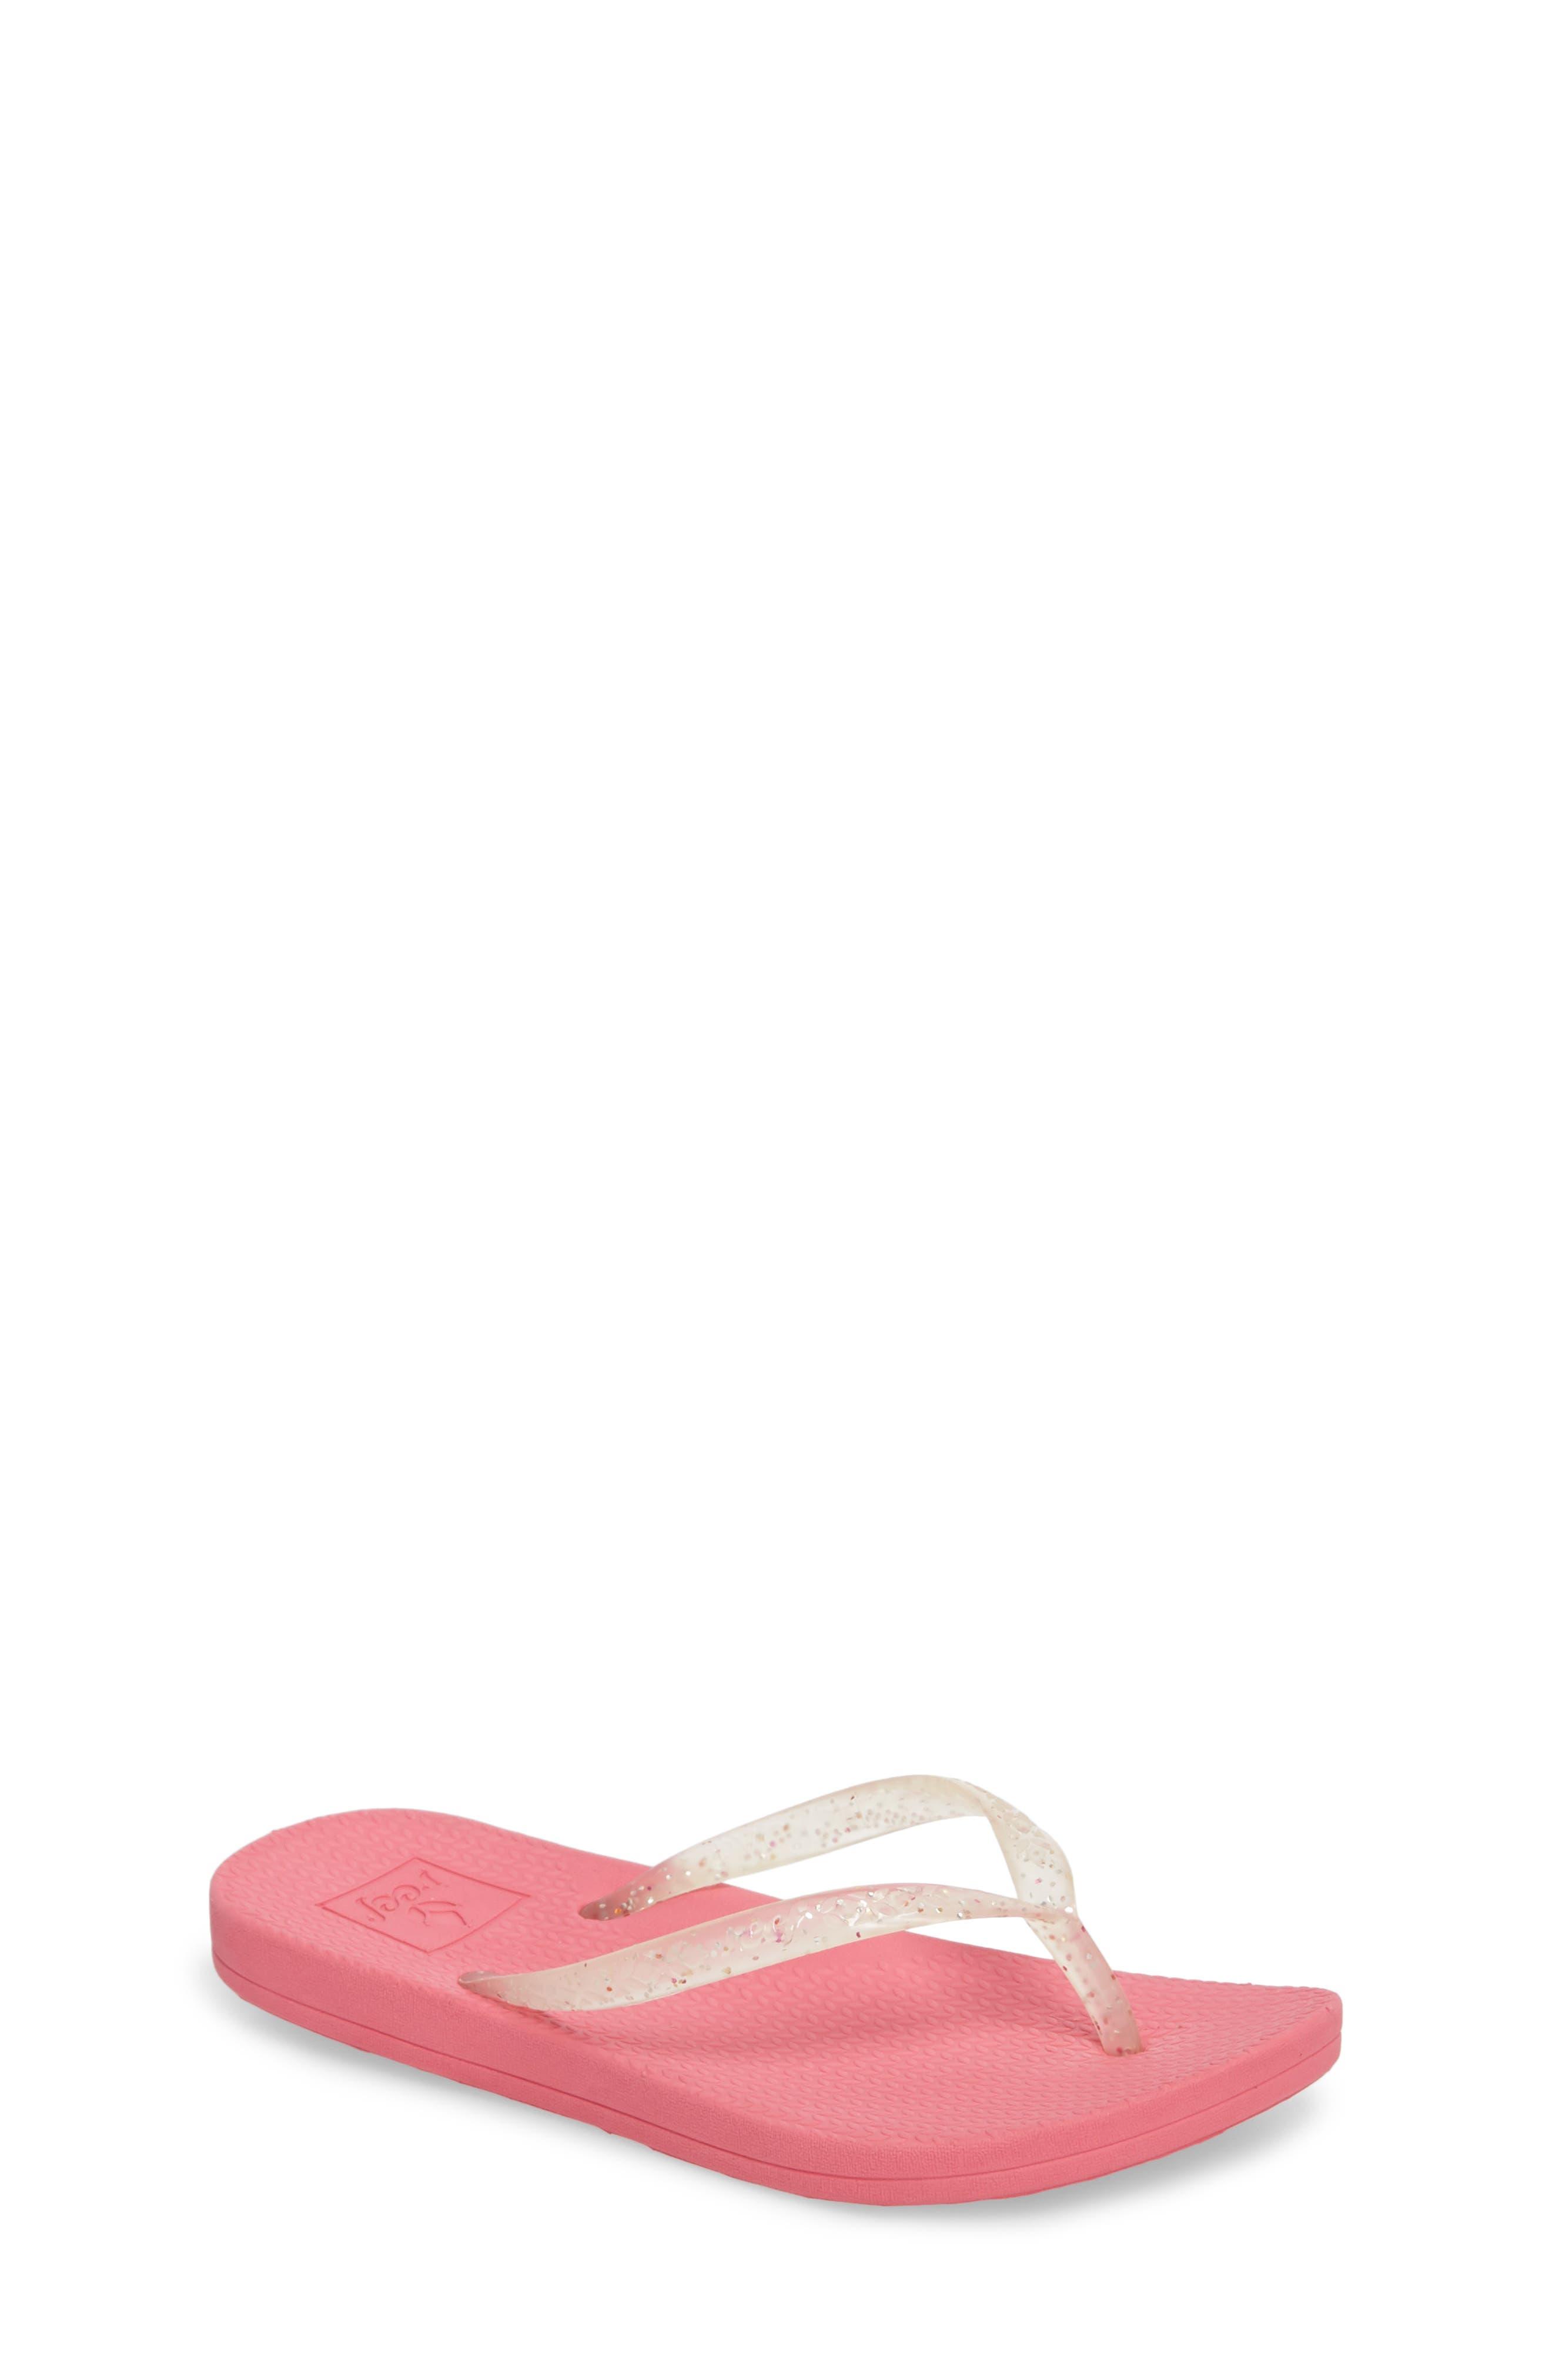 Little Reef Escape Shimmer Flip Flops,                         Main,                         color, 653